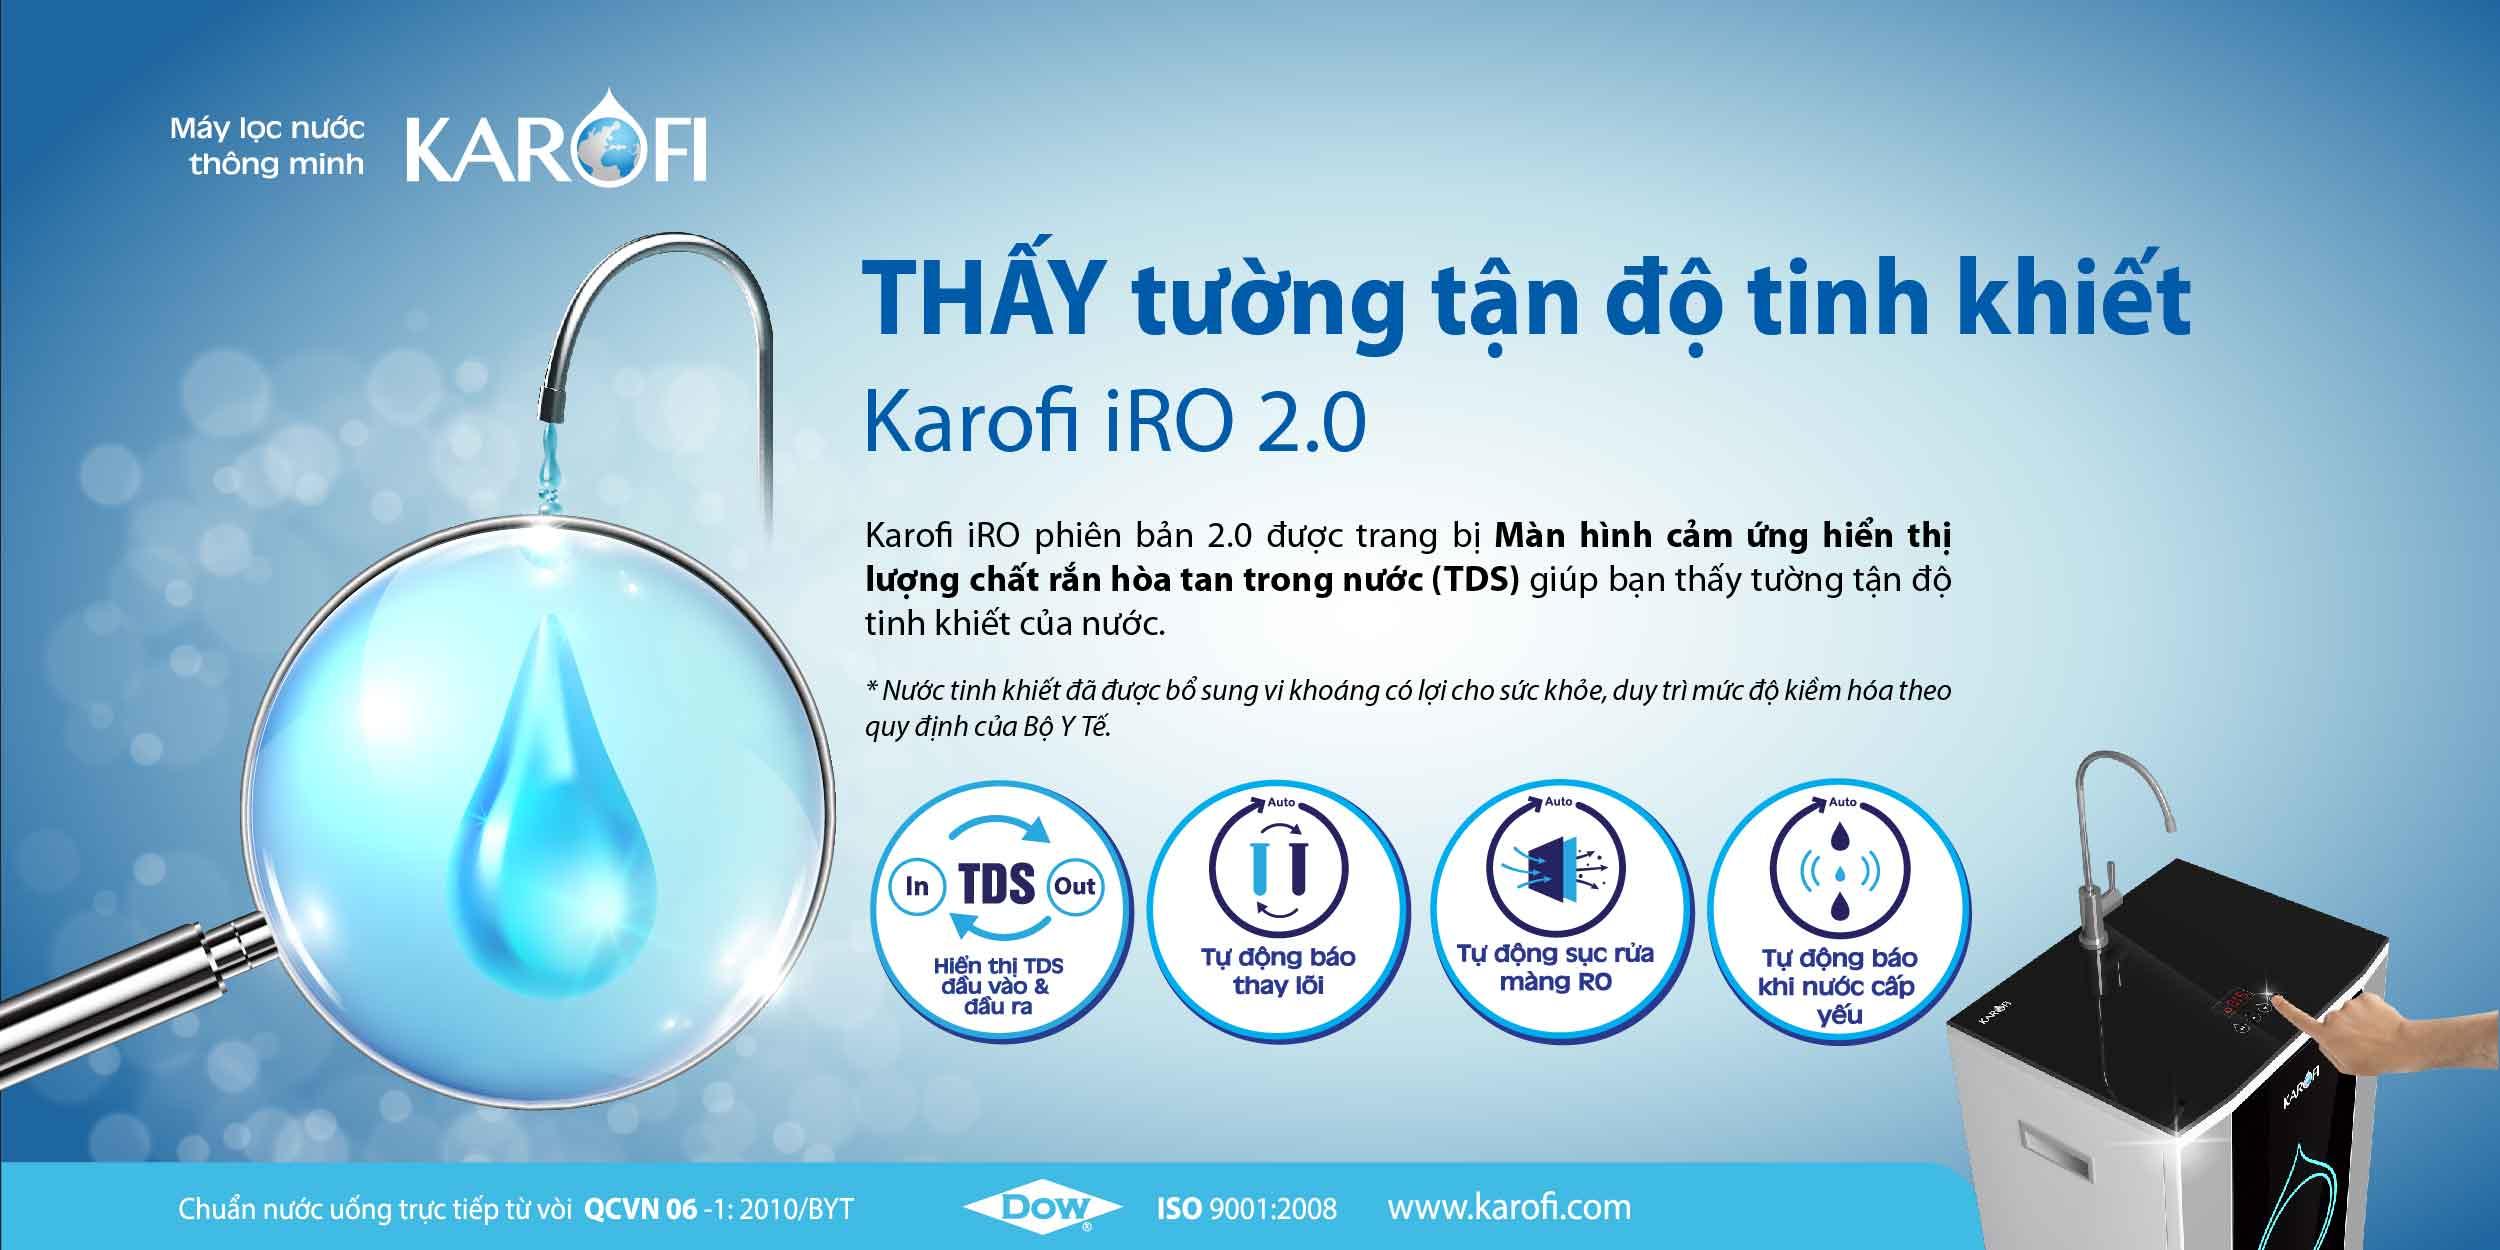 Máy lọc nước có màn hình cảm ứng tiện lợi cho người sử dụng